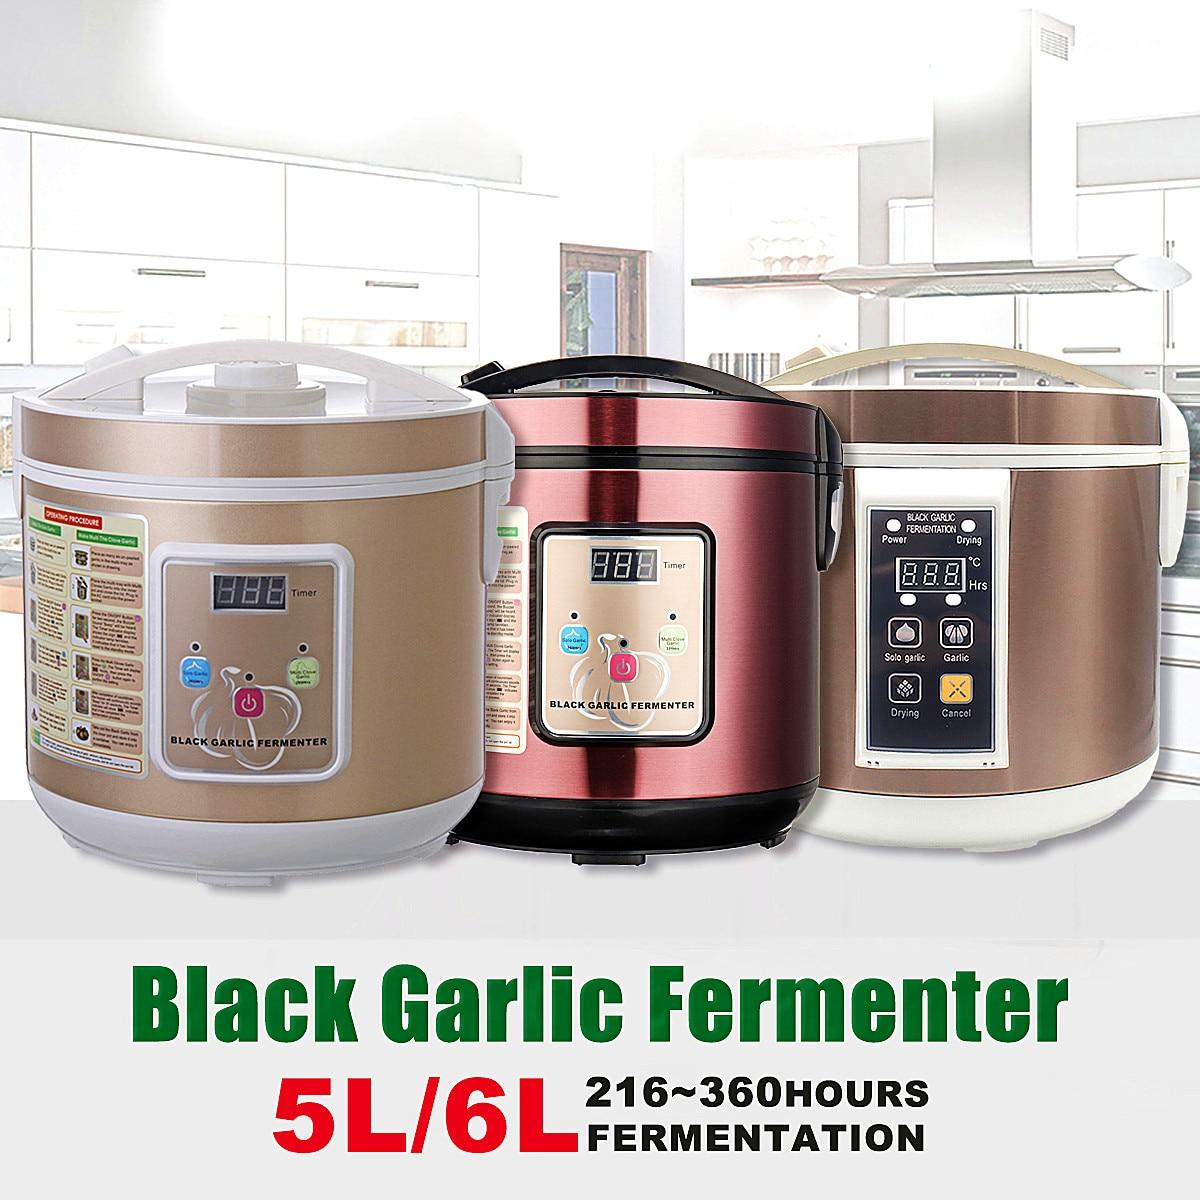 90 w 5/6L Automatico Nero aglio fermentatore per la casa FAI DA TE zymolysis pentola maker 110 v 220 v nero aglio fermentazione macchina US/AU/EU